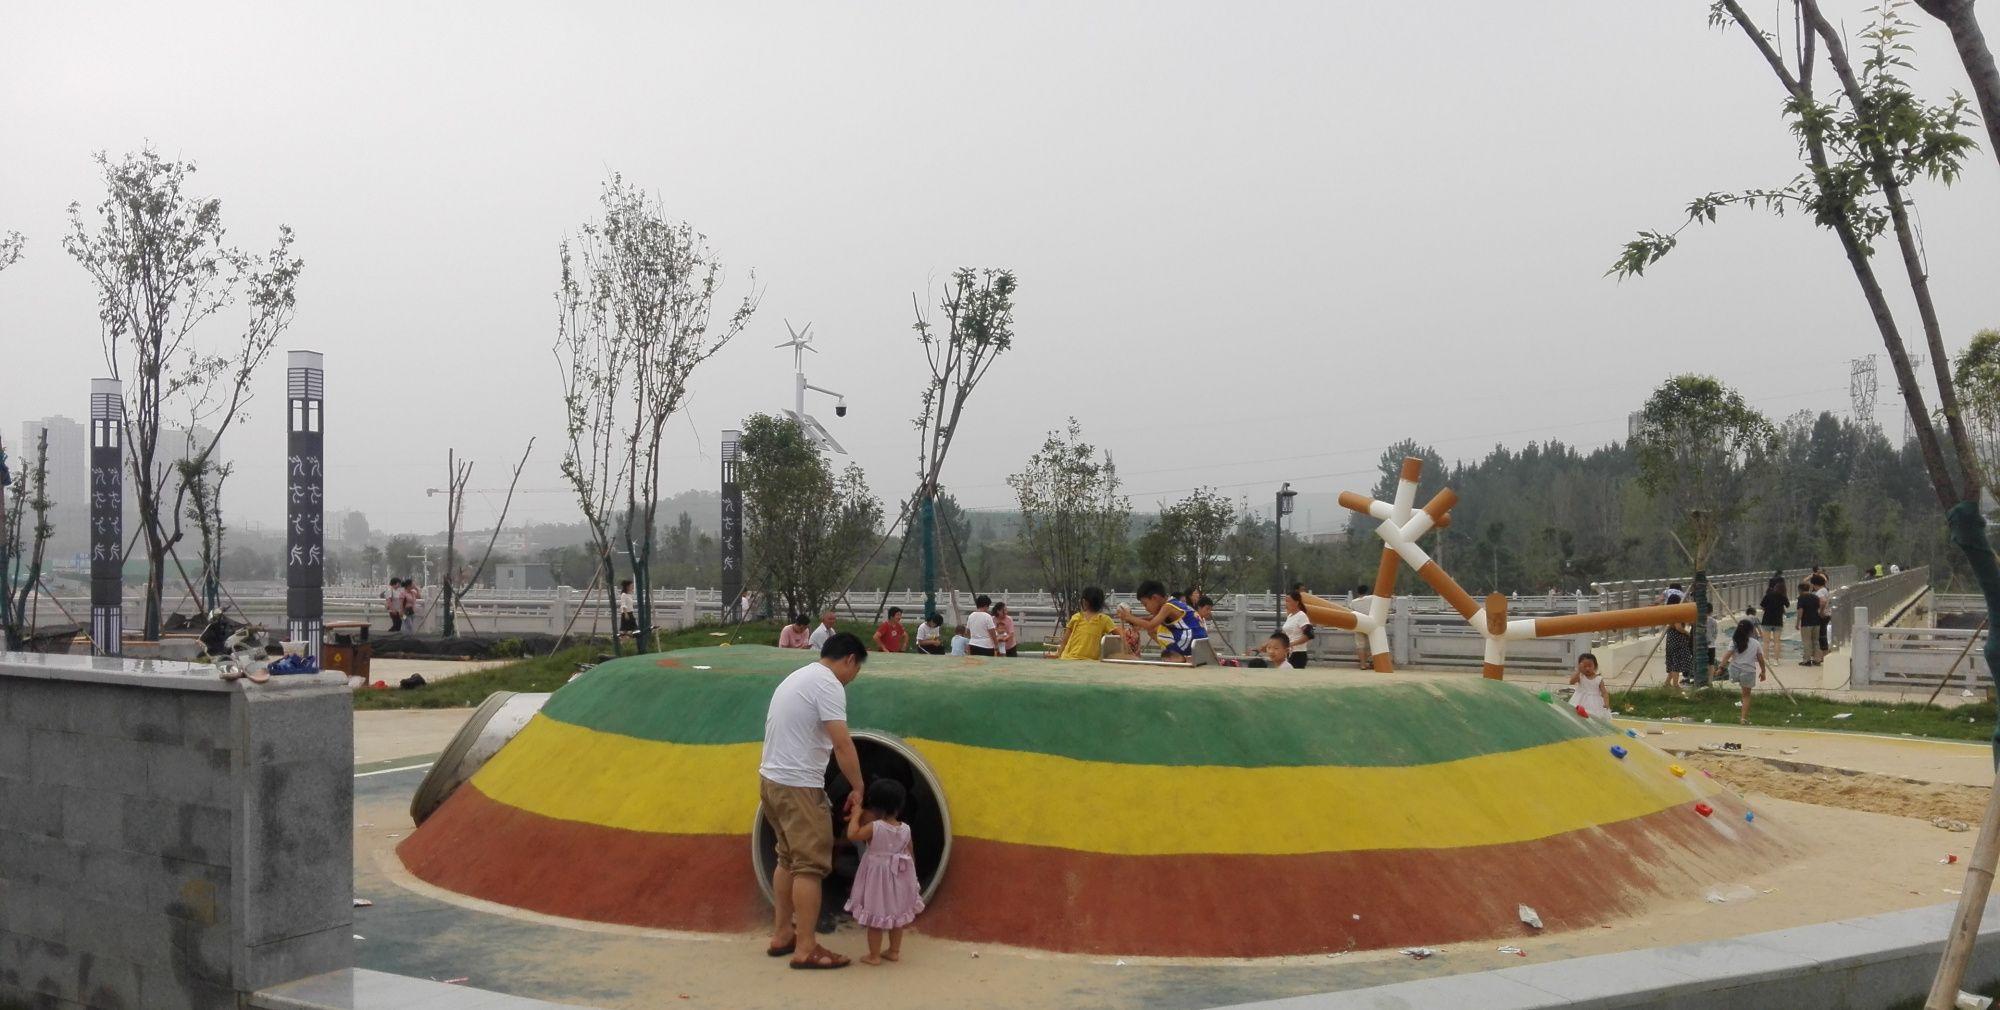 水城建设的如火如荼,涧河上新建了四座桥,有空来玩吧